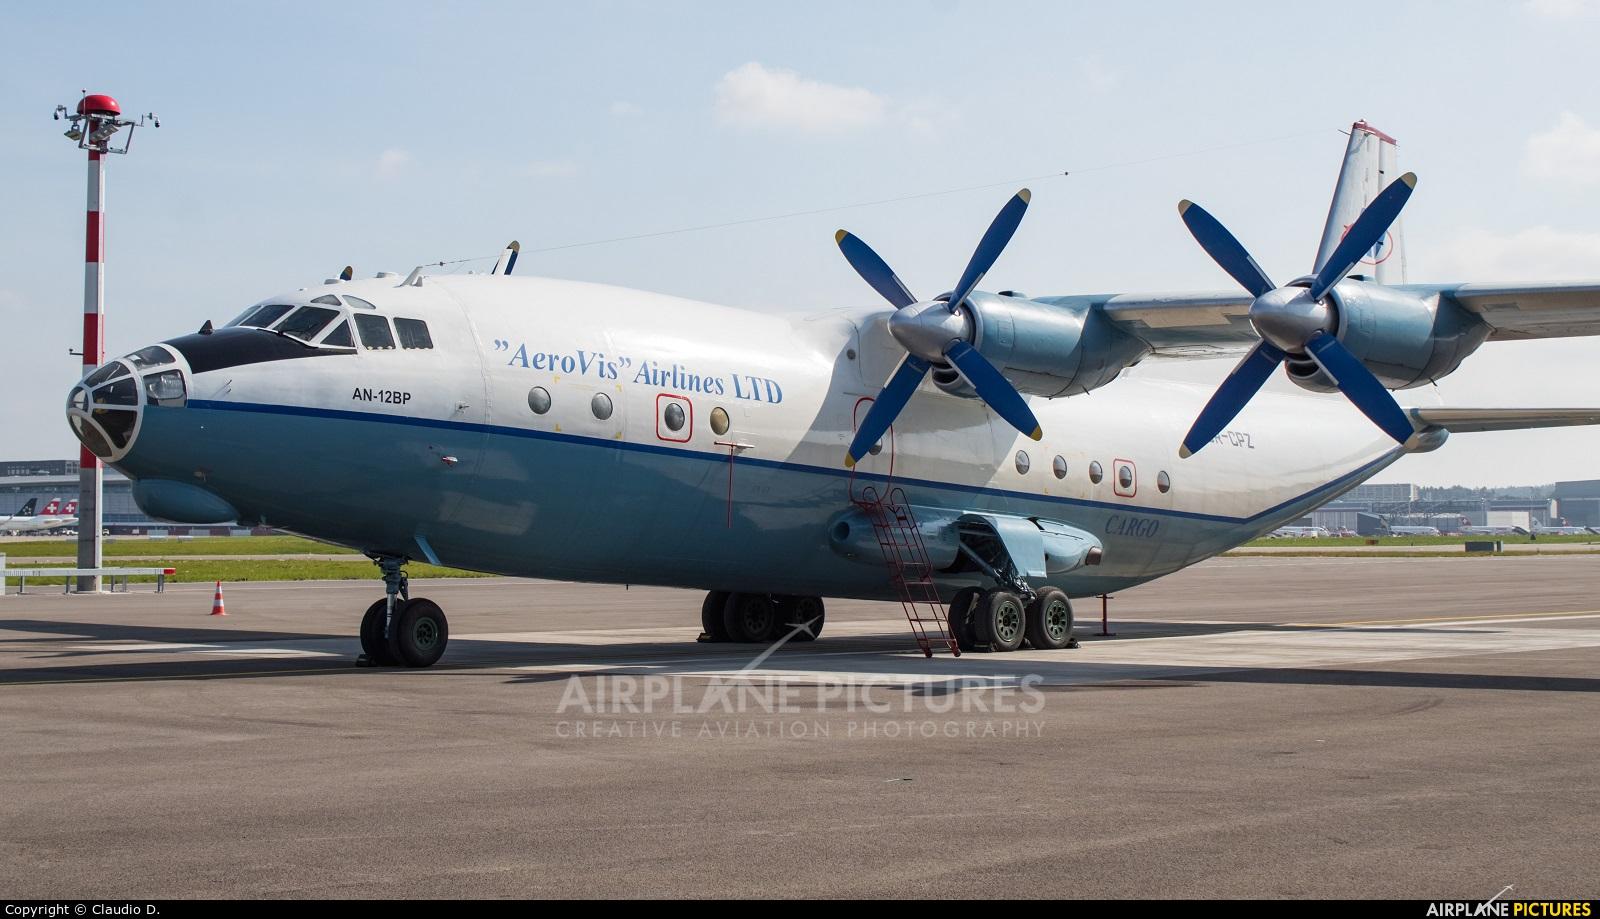 AeroVis Airlines UR-CPZ aircraft at Zurich